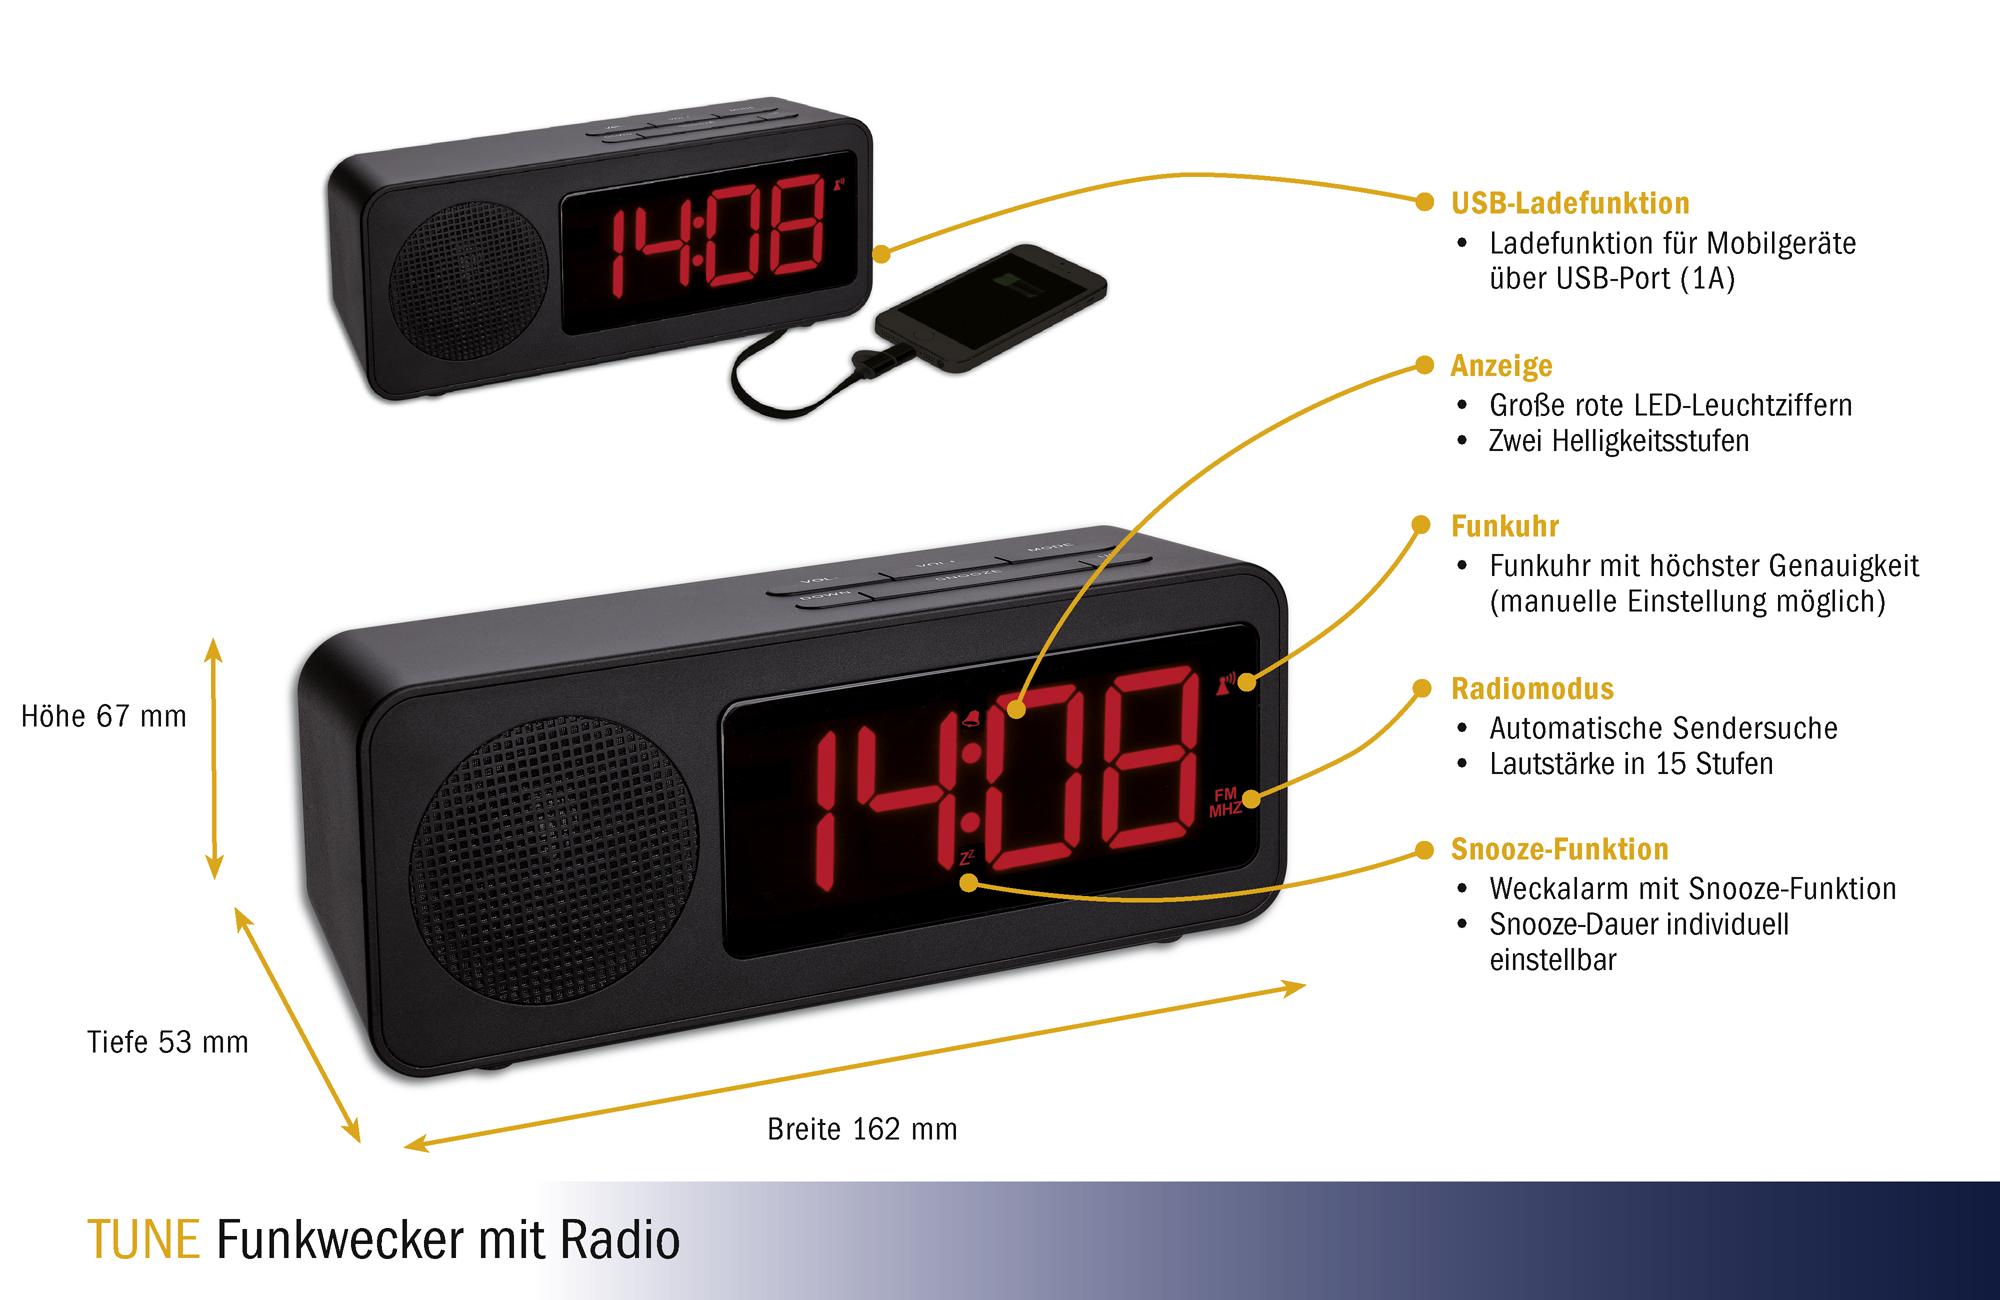 Tune_Funk-Wecker_mit Radio_60254601_Bemassung.jpg